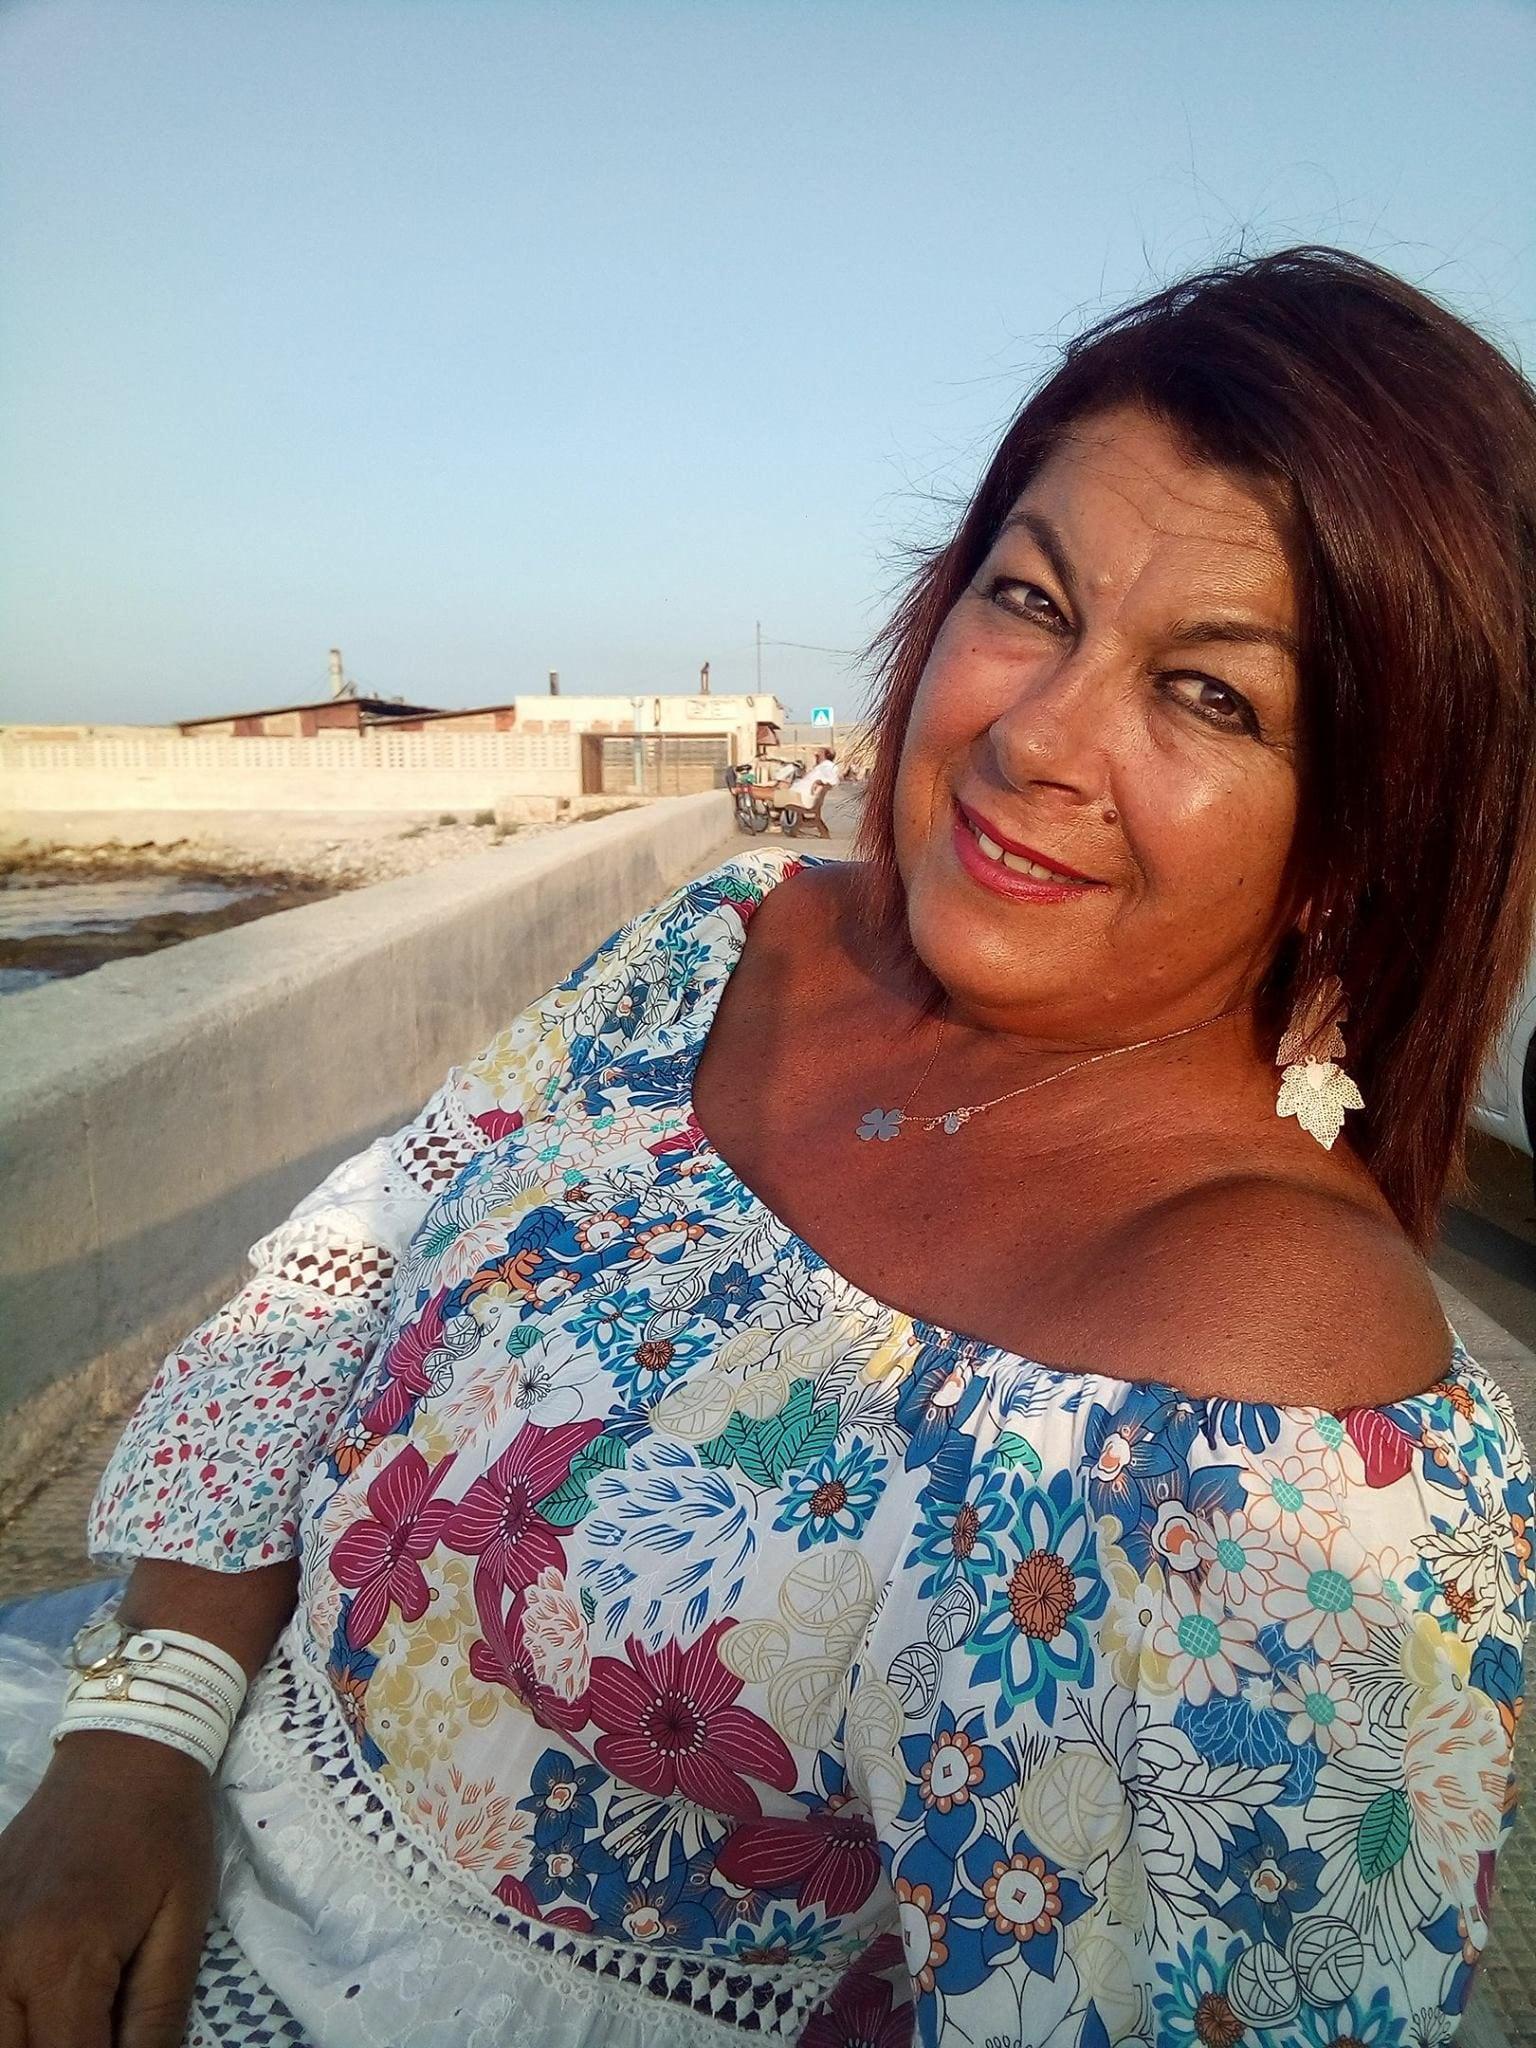 Cristina in riva al mare, il suo svago preferito.